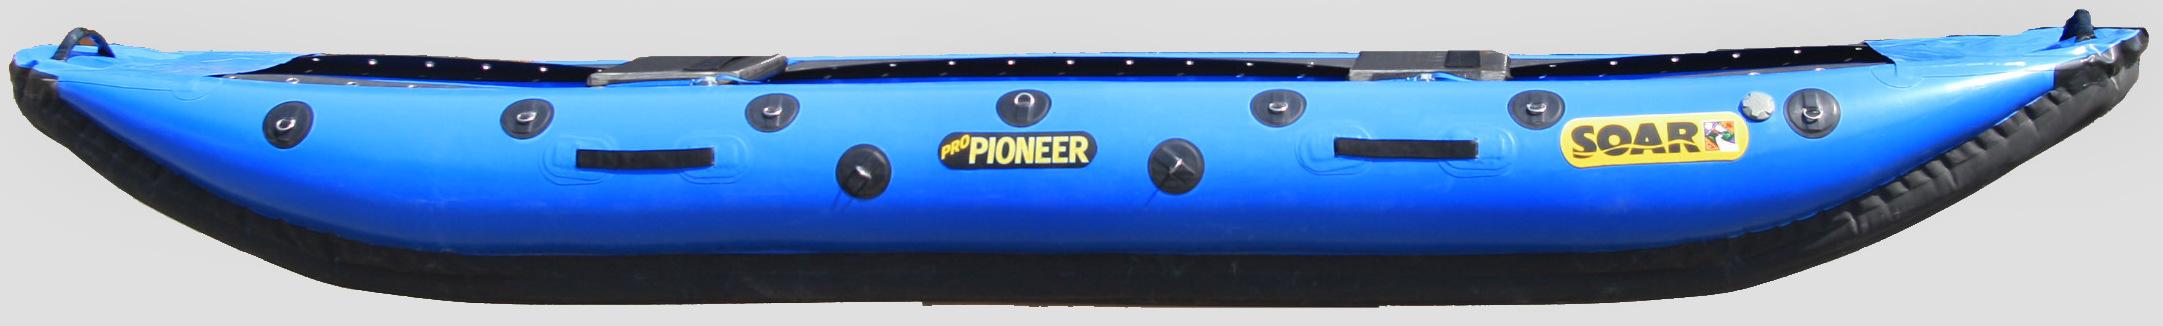 SOAR Pro Pioneer Side